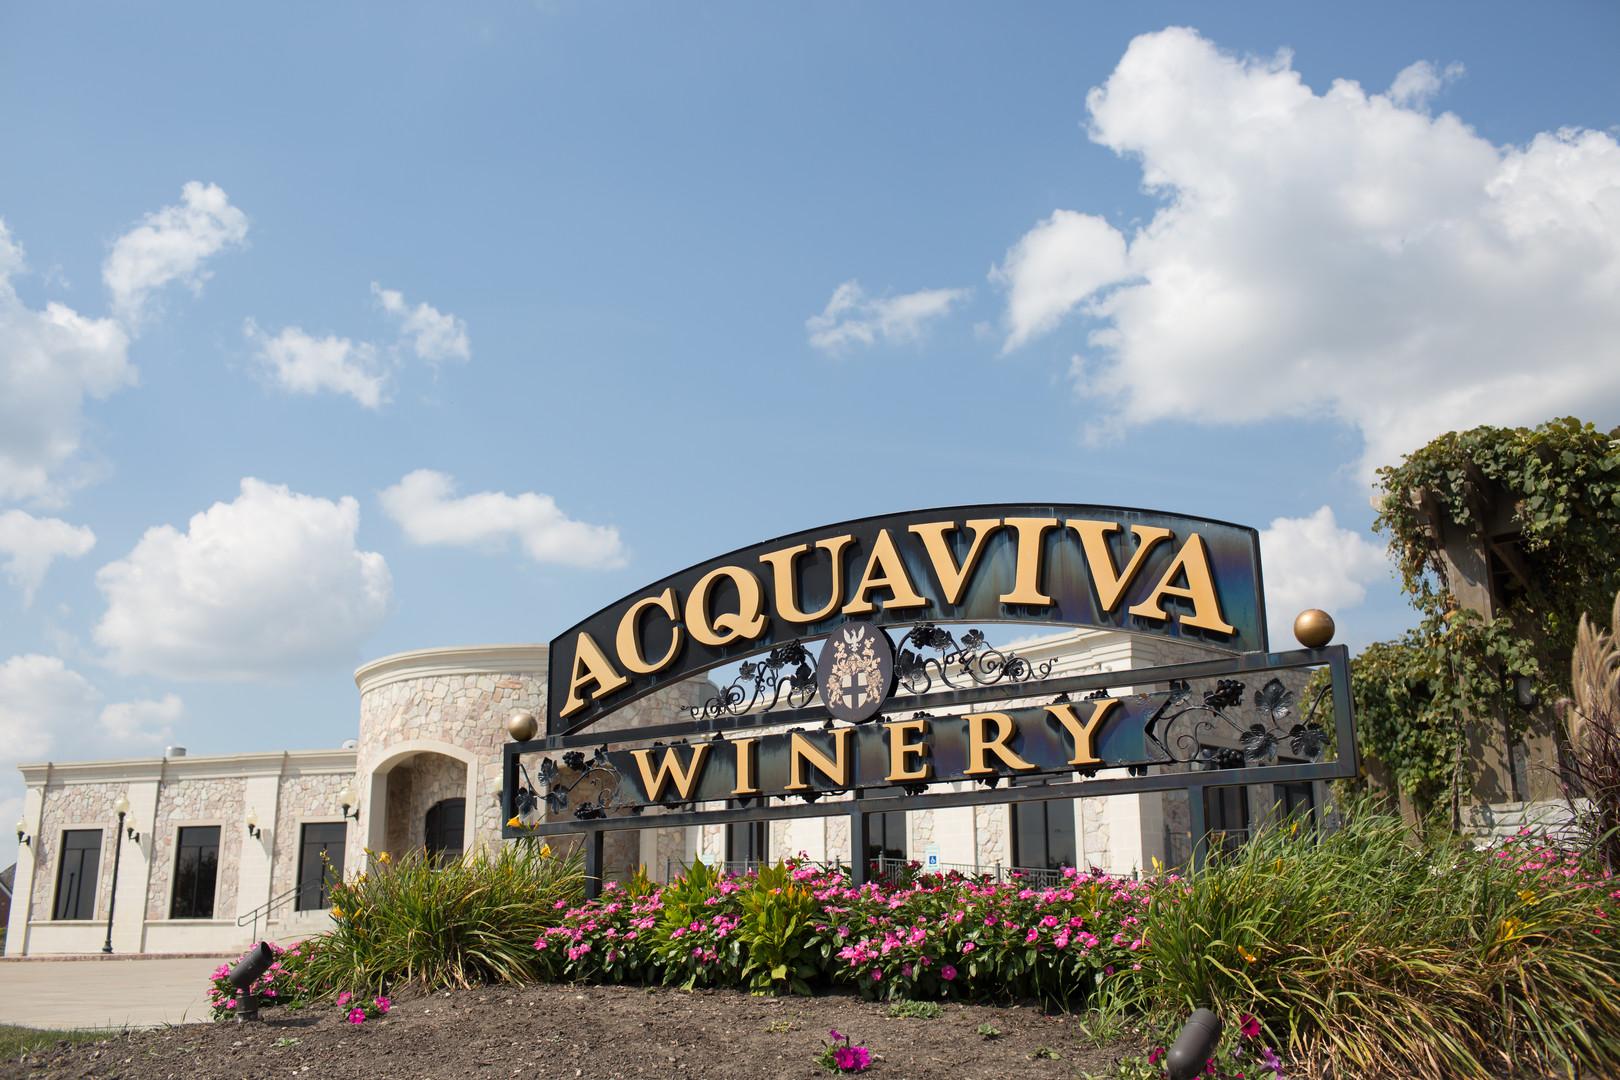 Acquaviva Winery Chicago Wedding Elite Photo